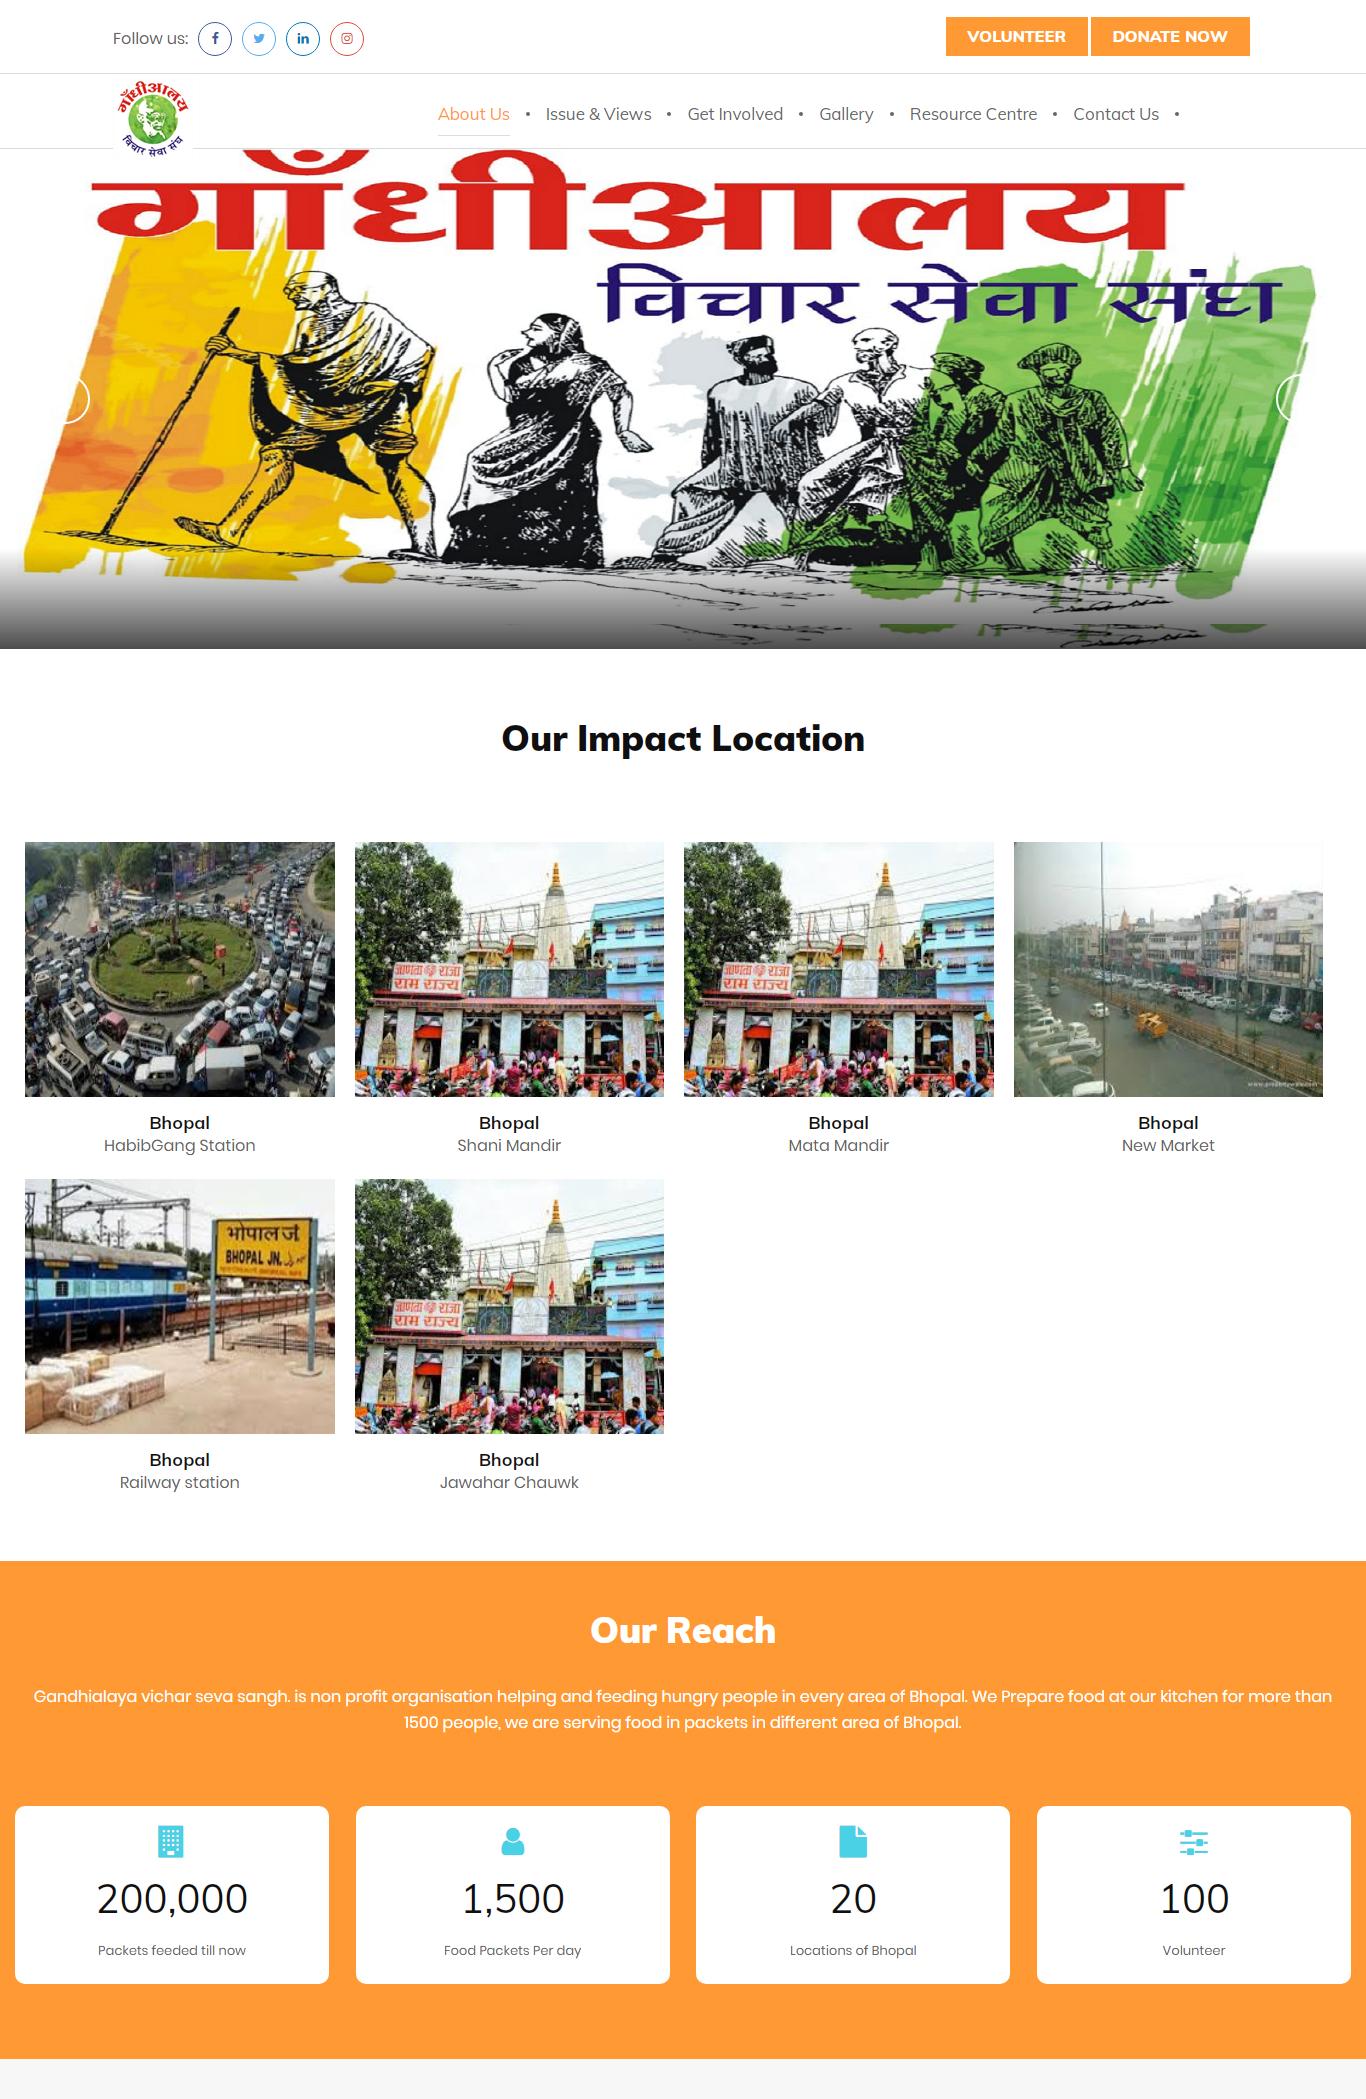 GandhiAlaya Vicha Sewa Sangh